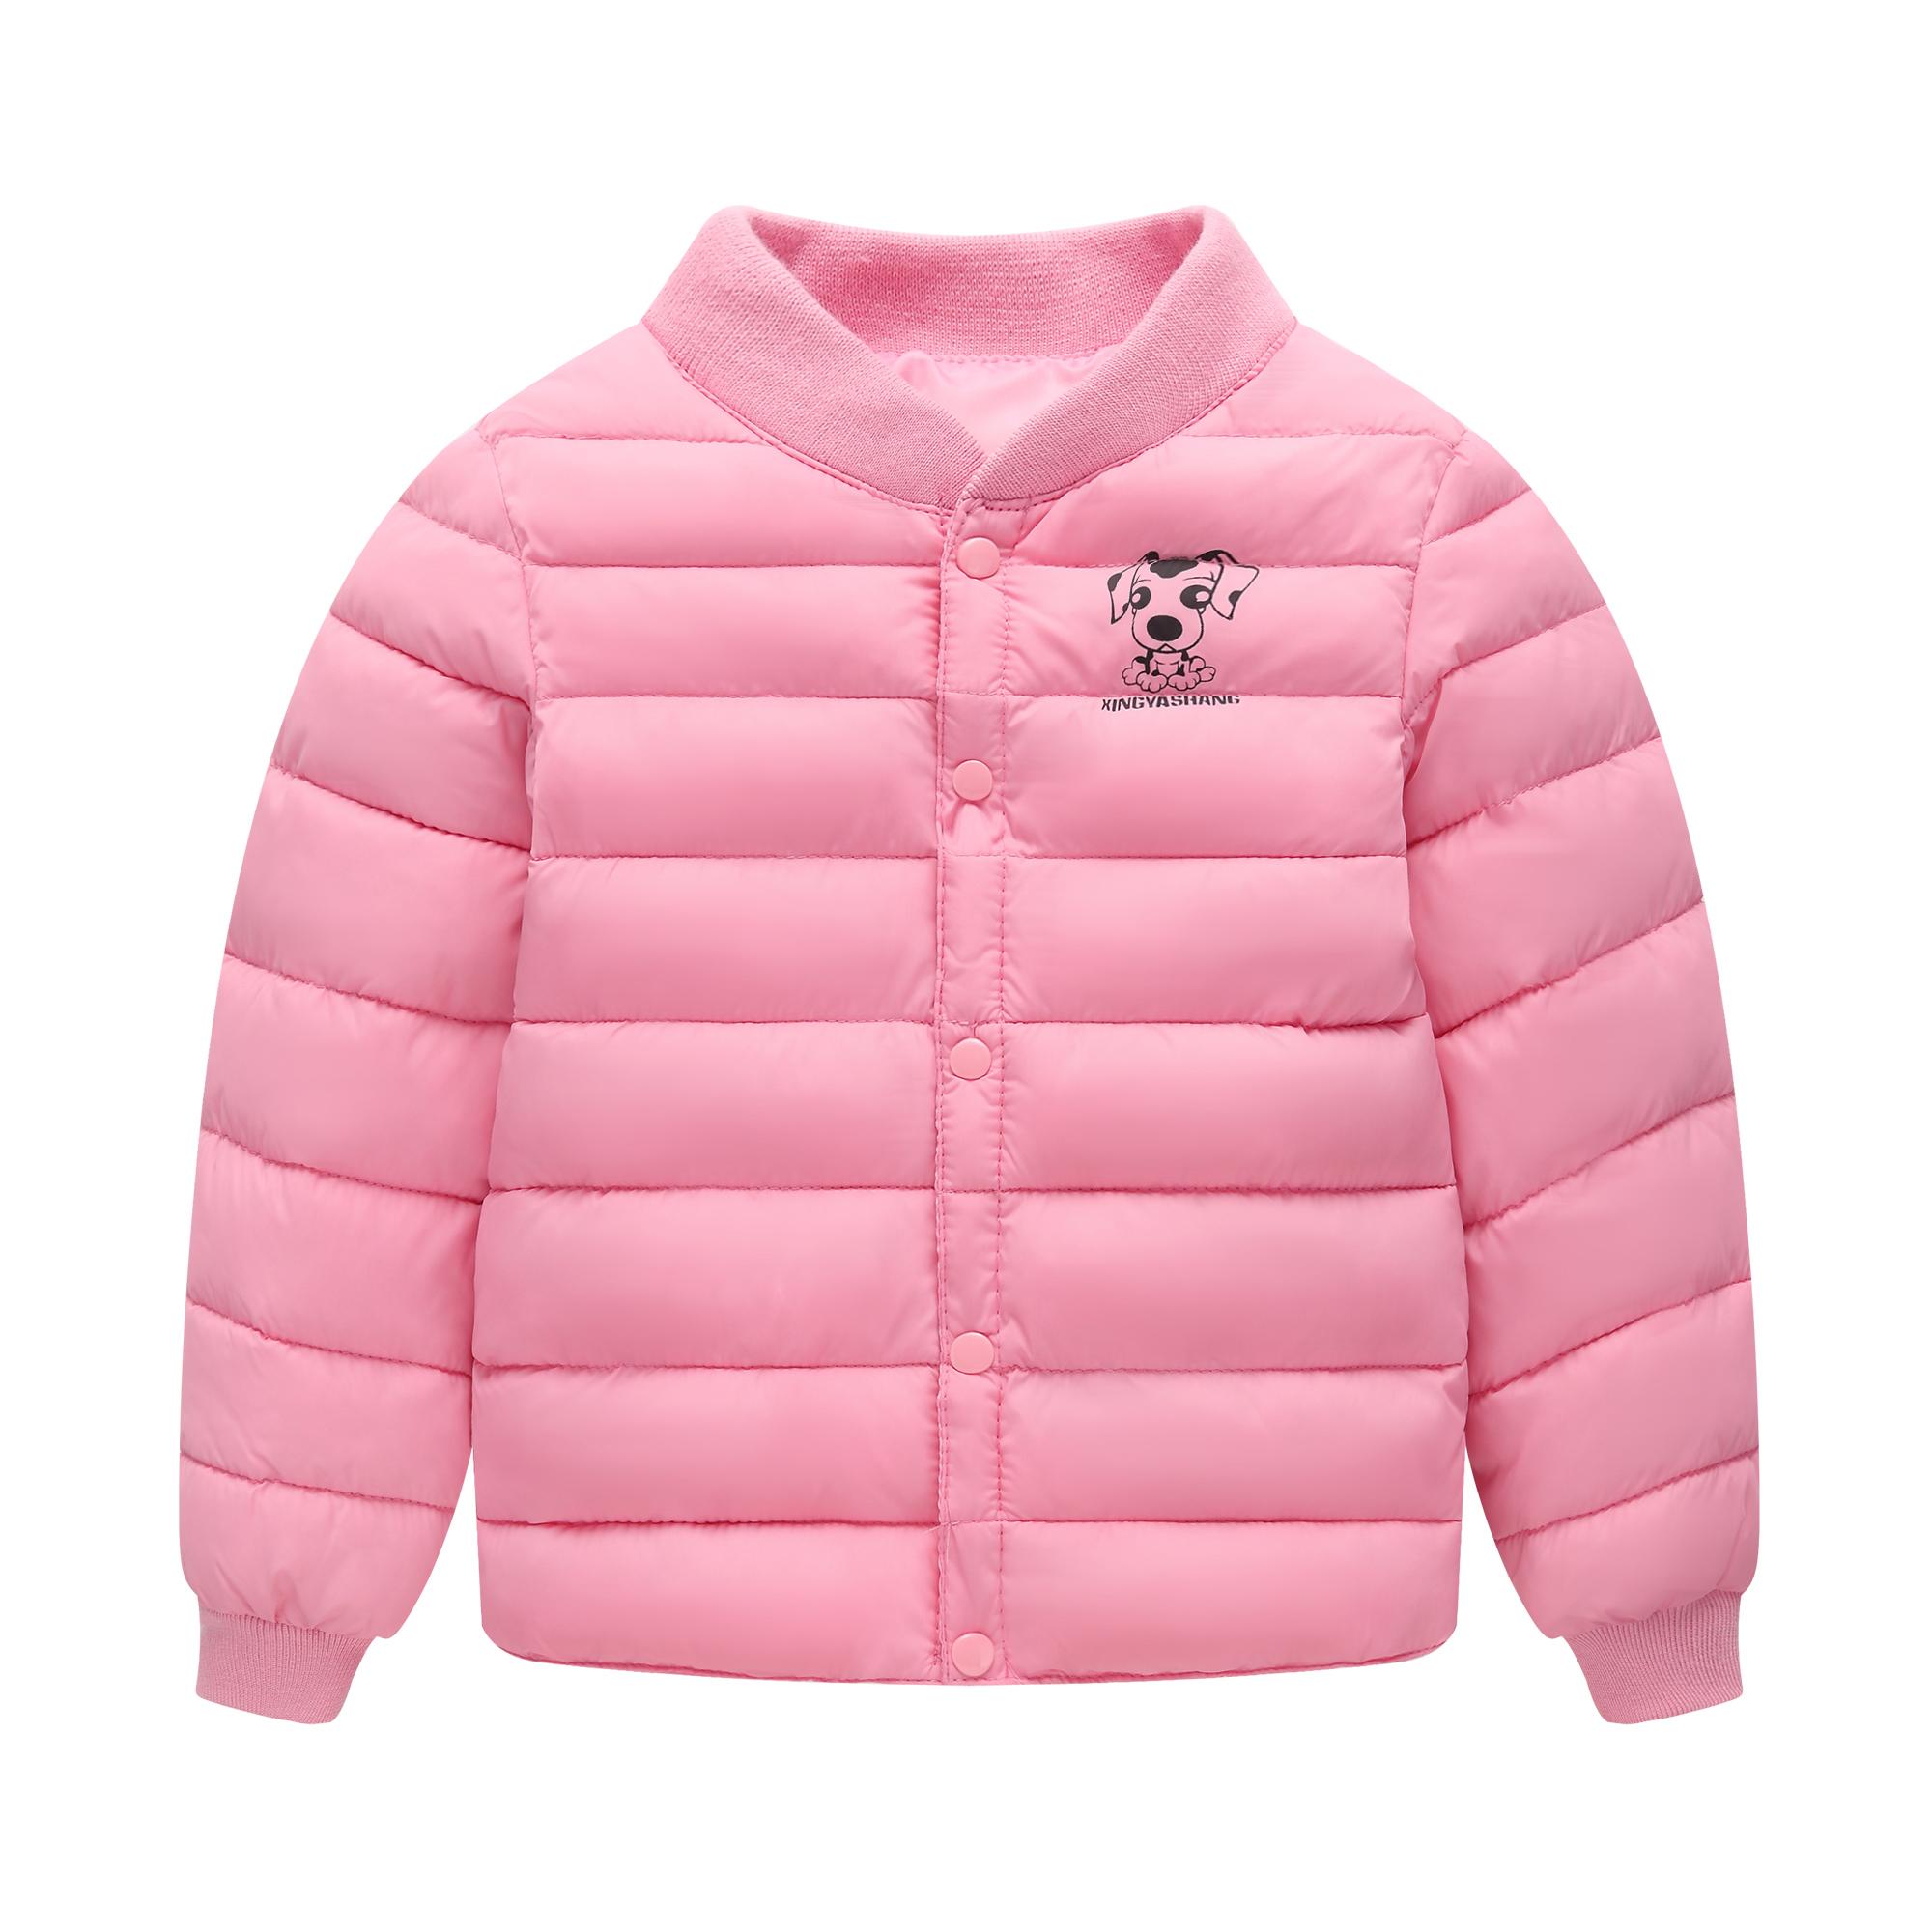 宝宝反季衣服冬装儿童羽绒棉服男童女童内胆棉袄婴儿轻薄短款棉衣